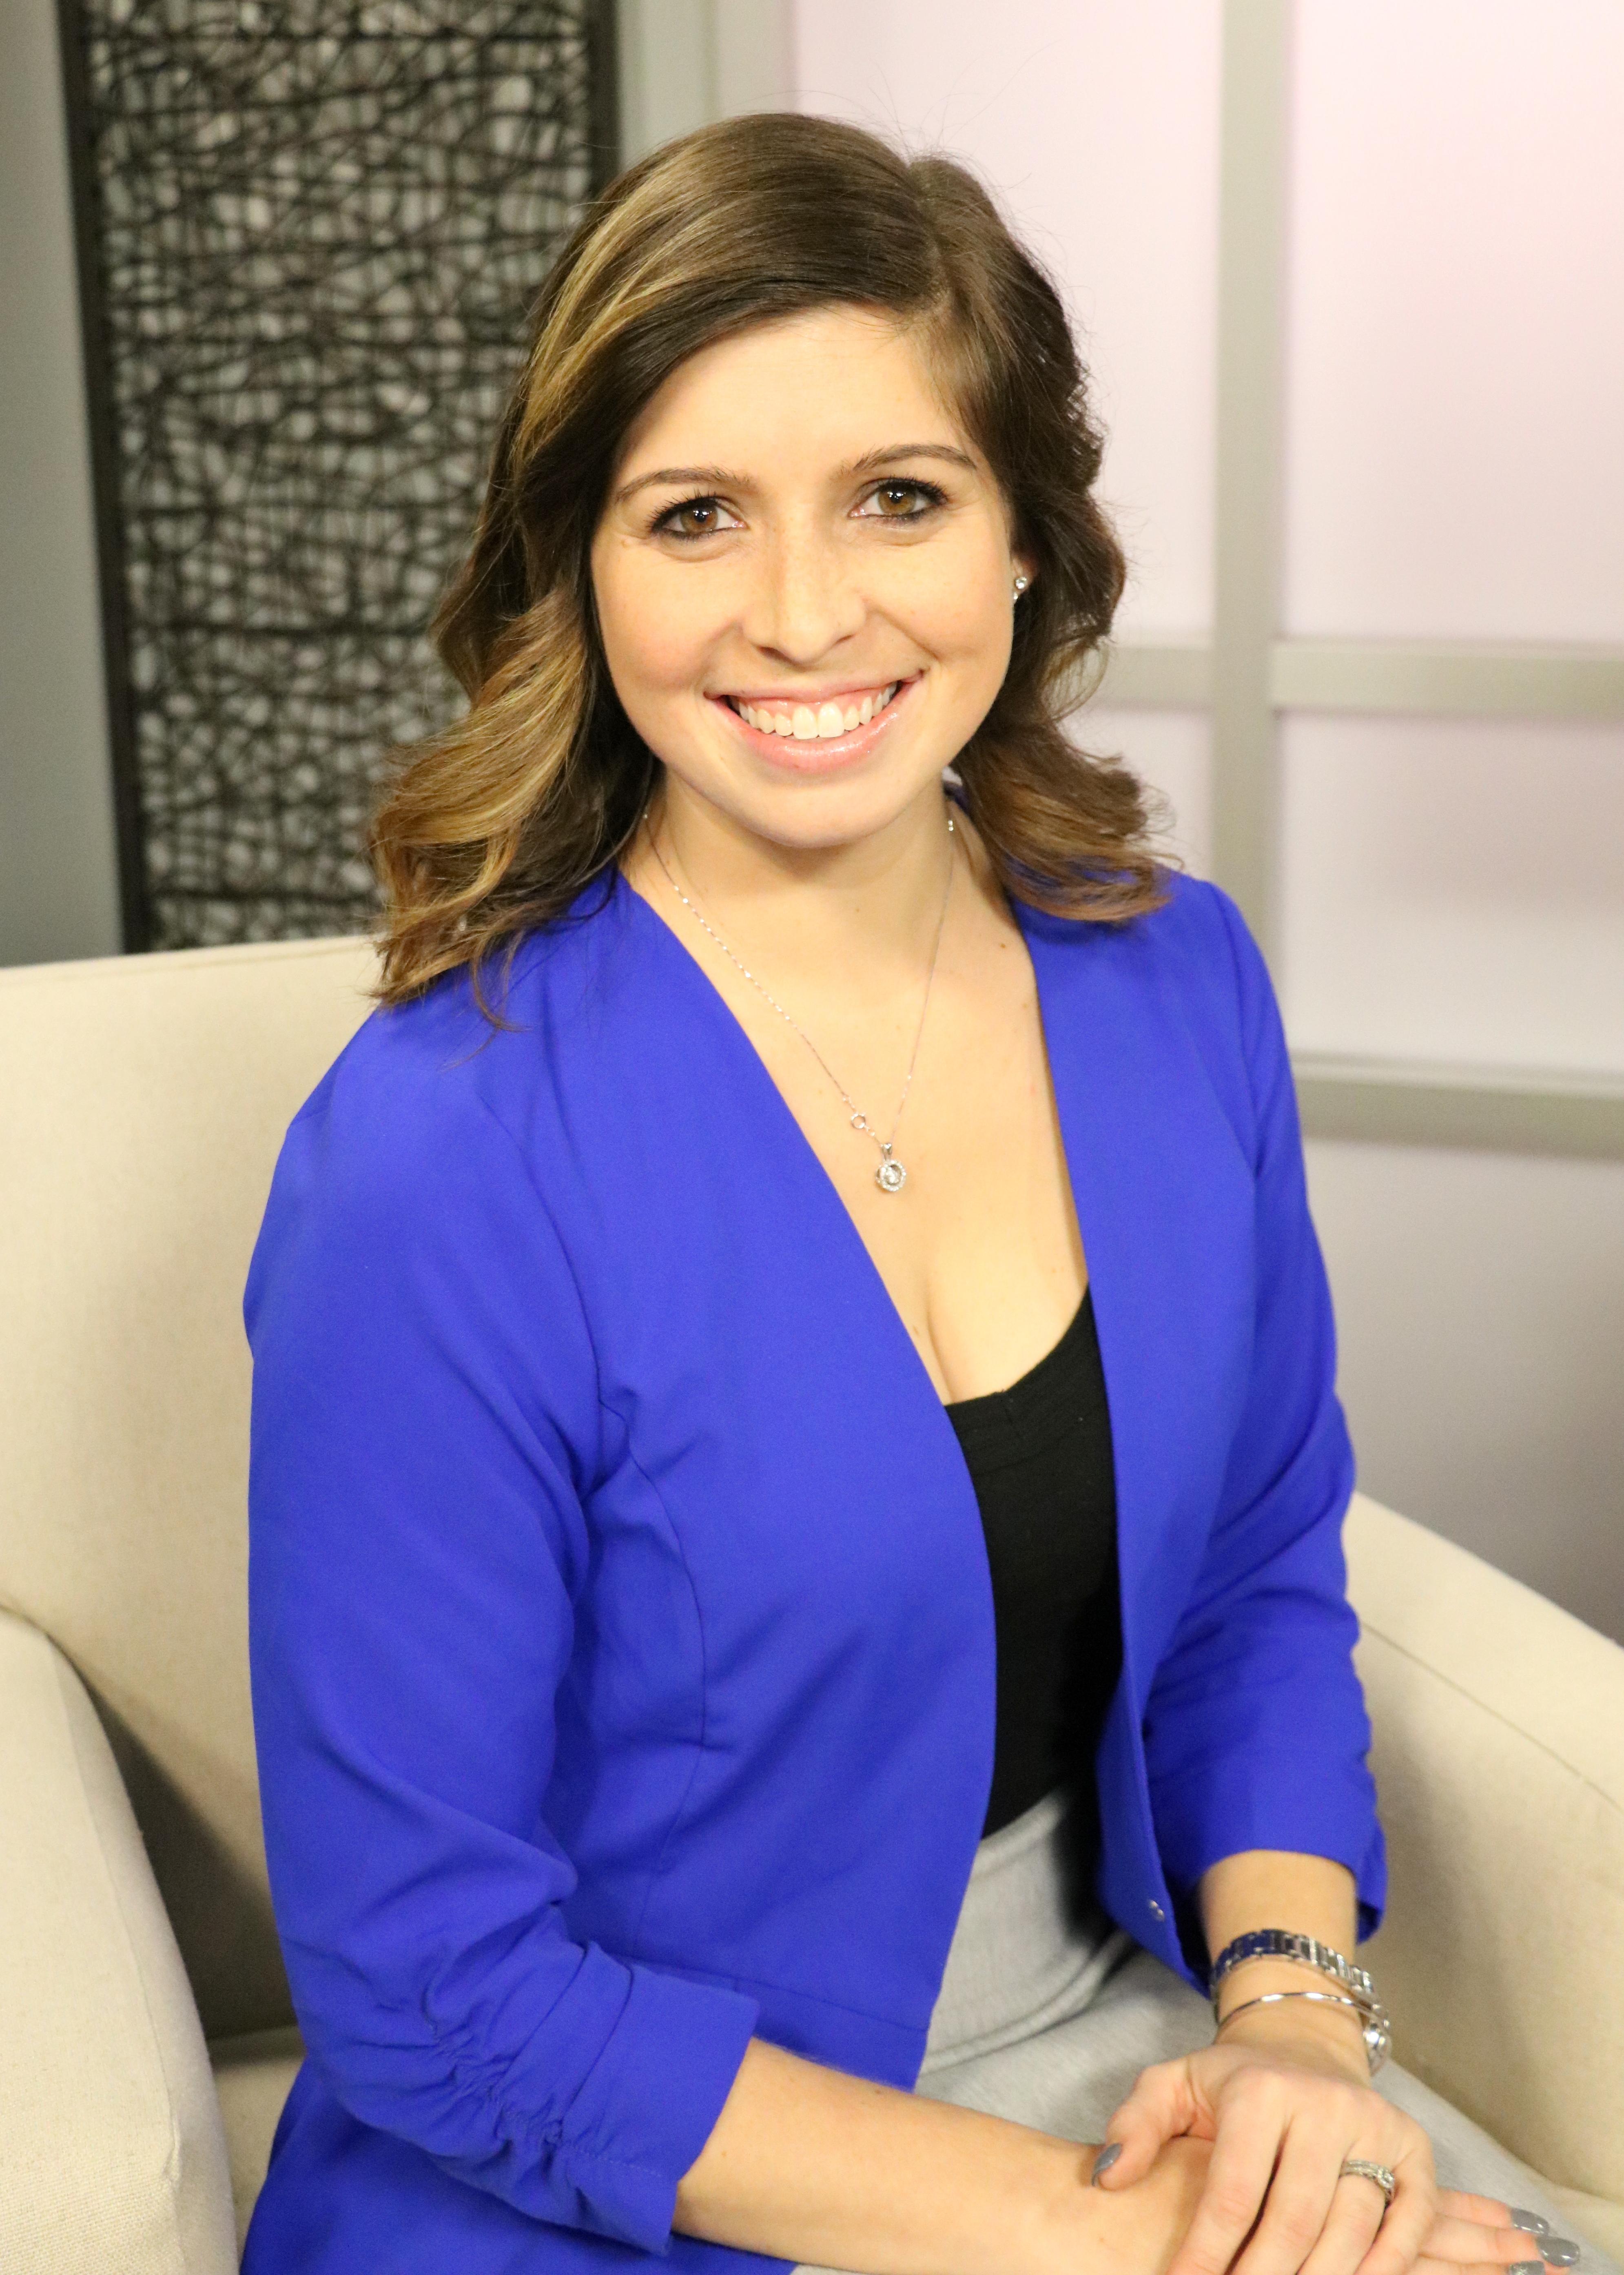 Lauren Hitch